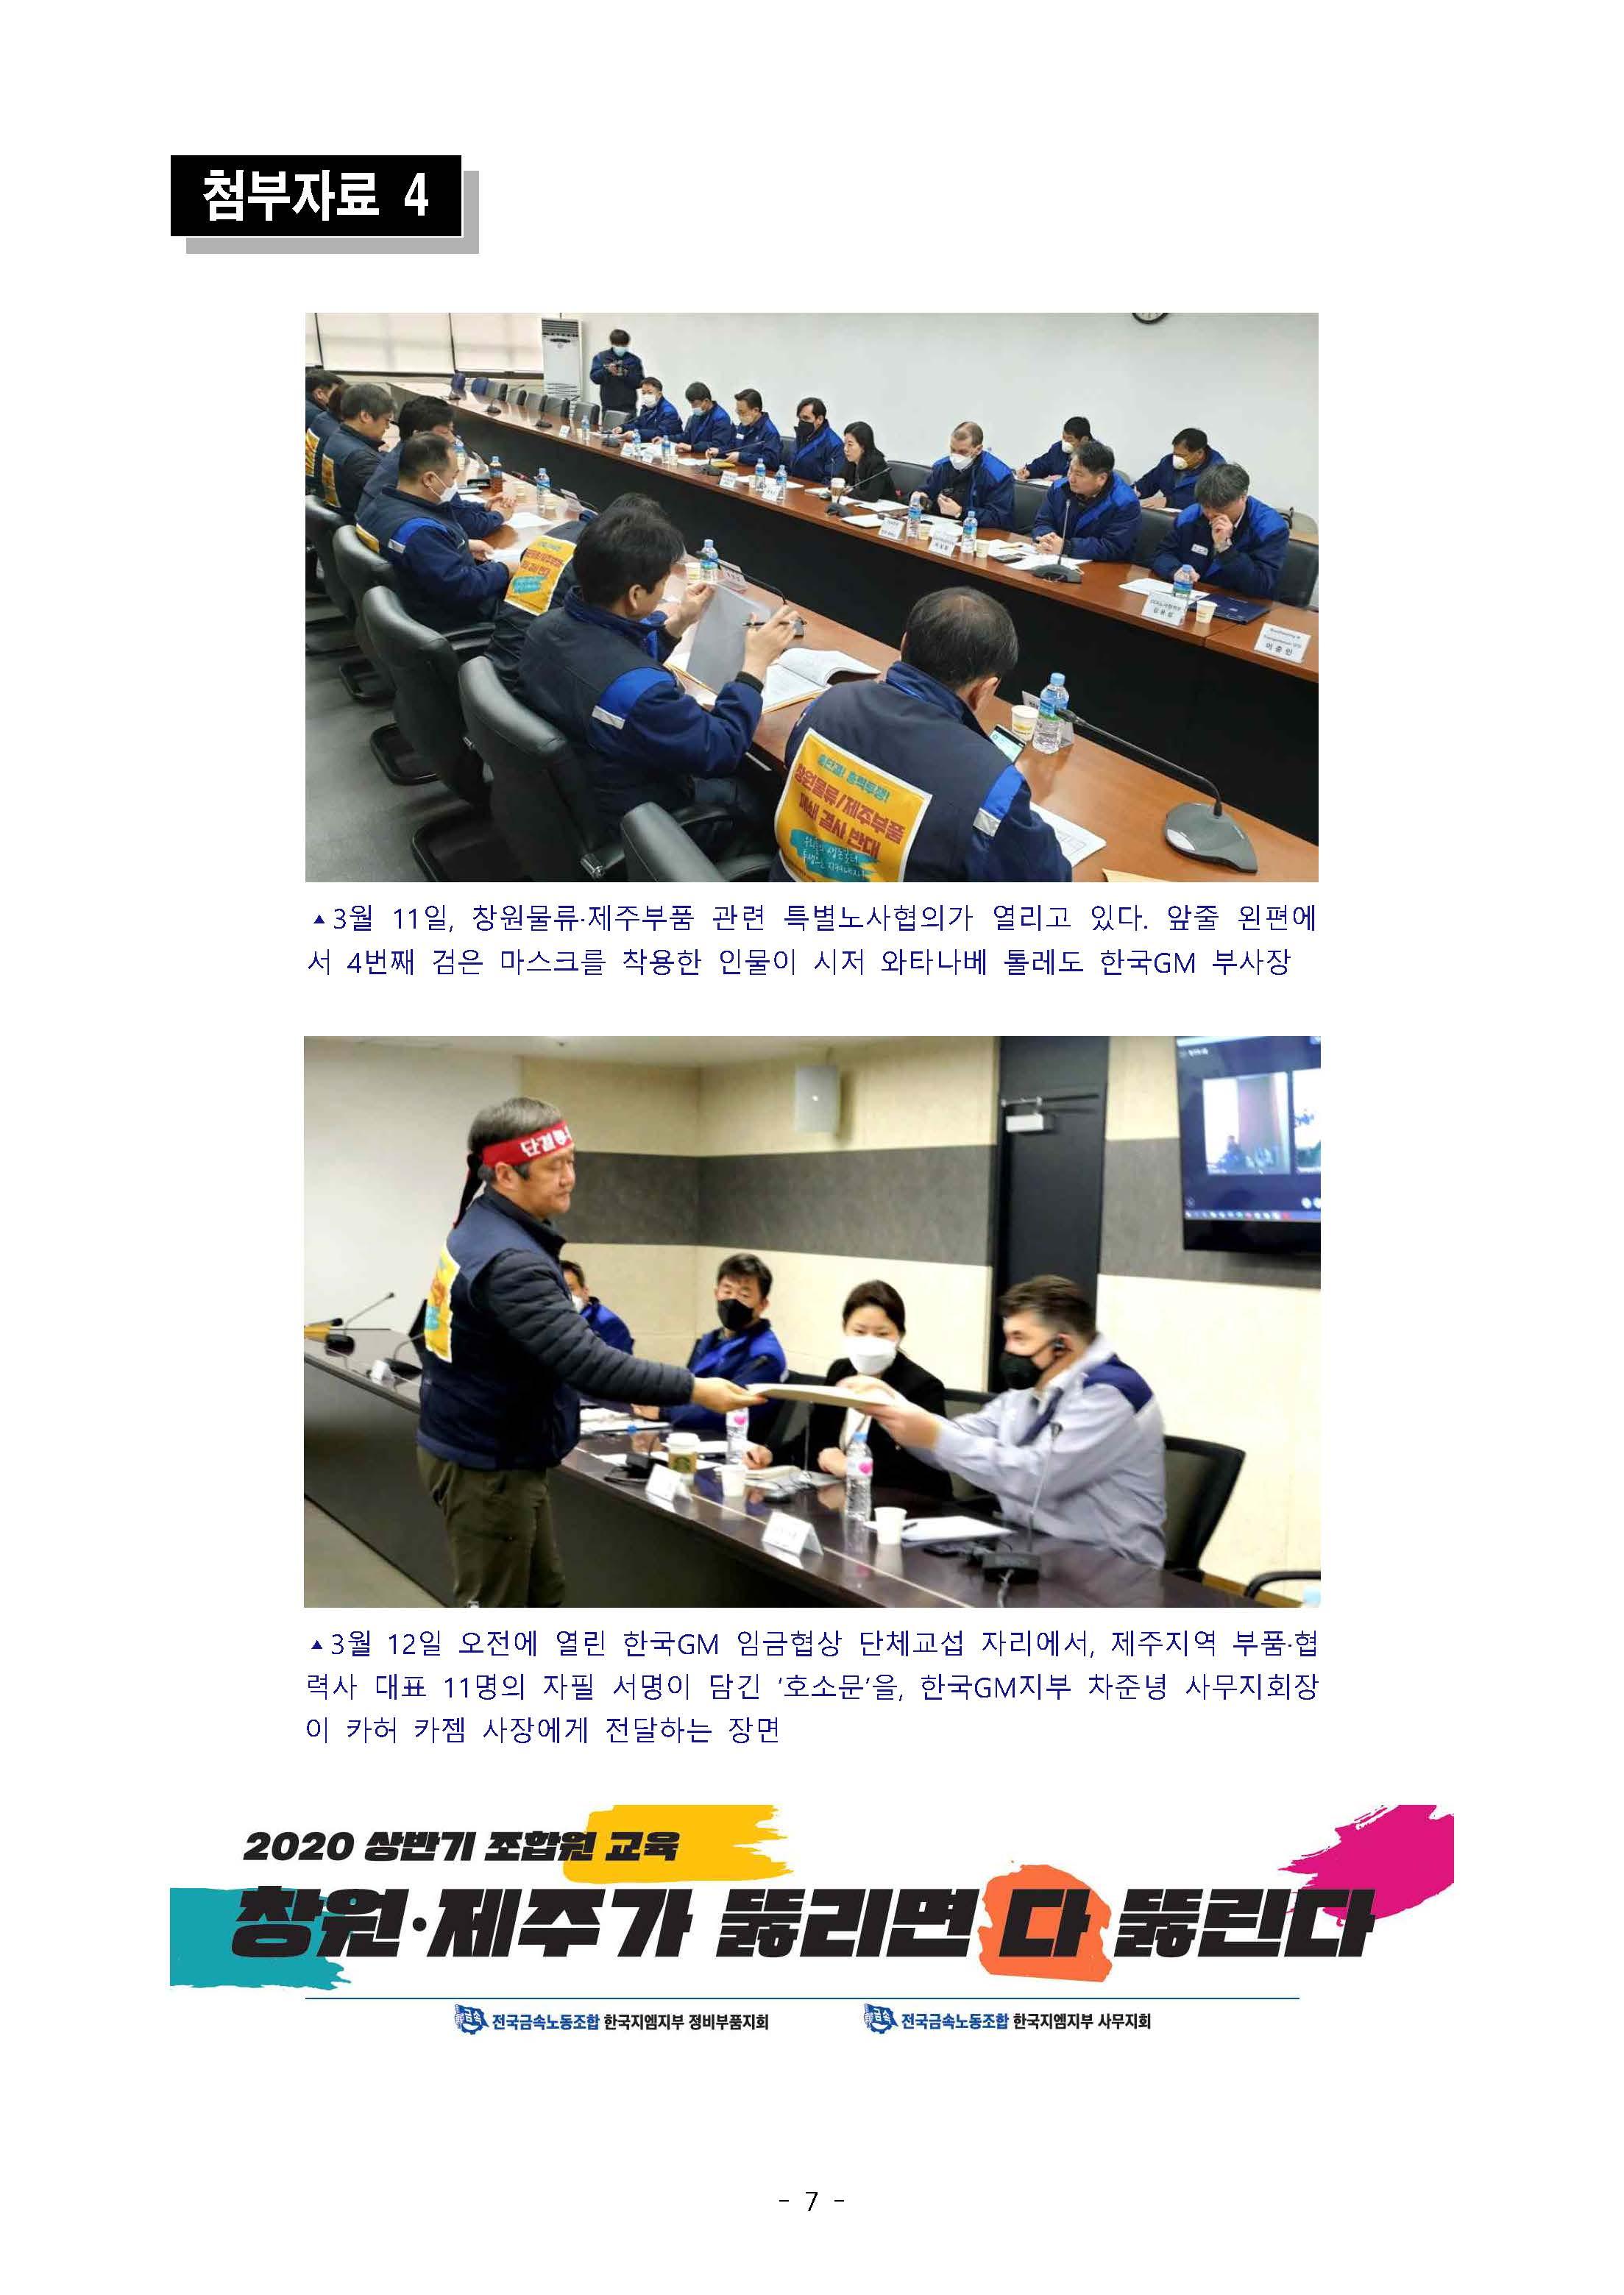 200316_보도자료_창원제주폐쇄저지_페이지_7.jpg